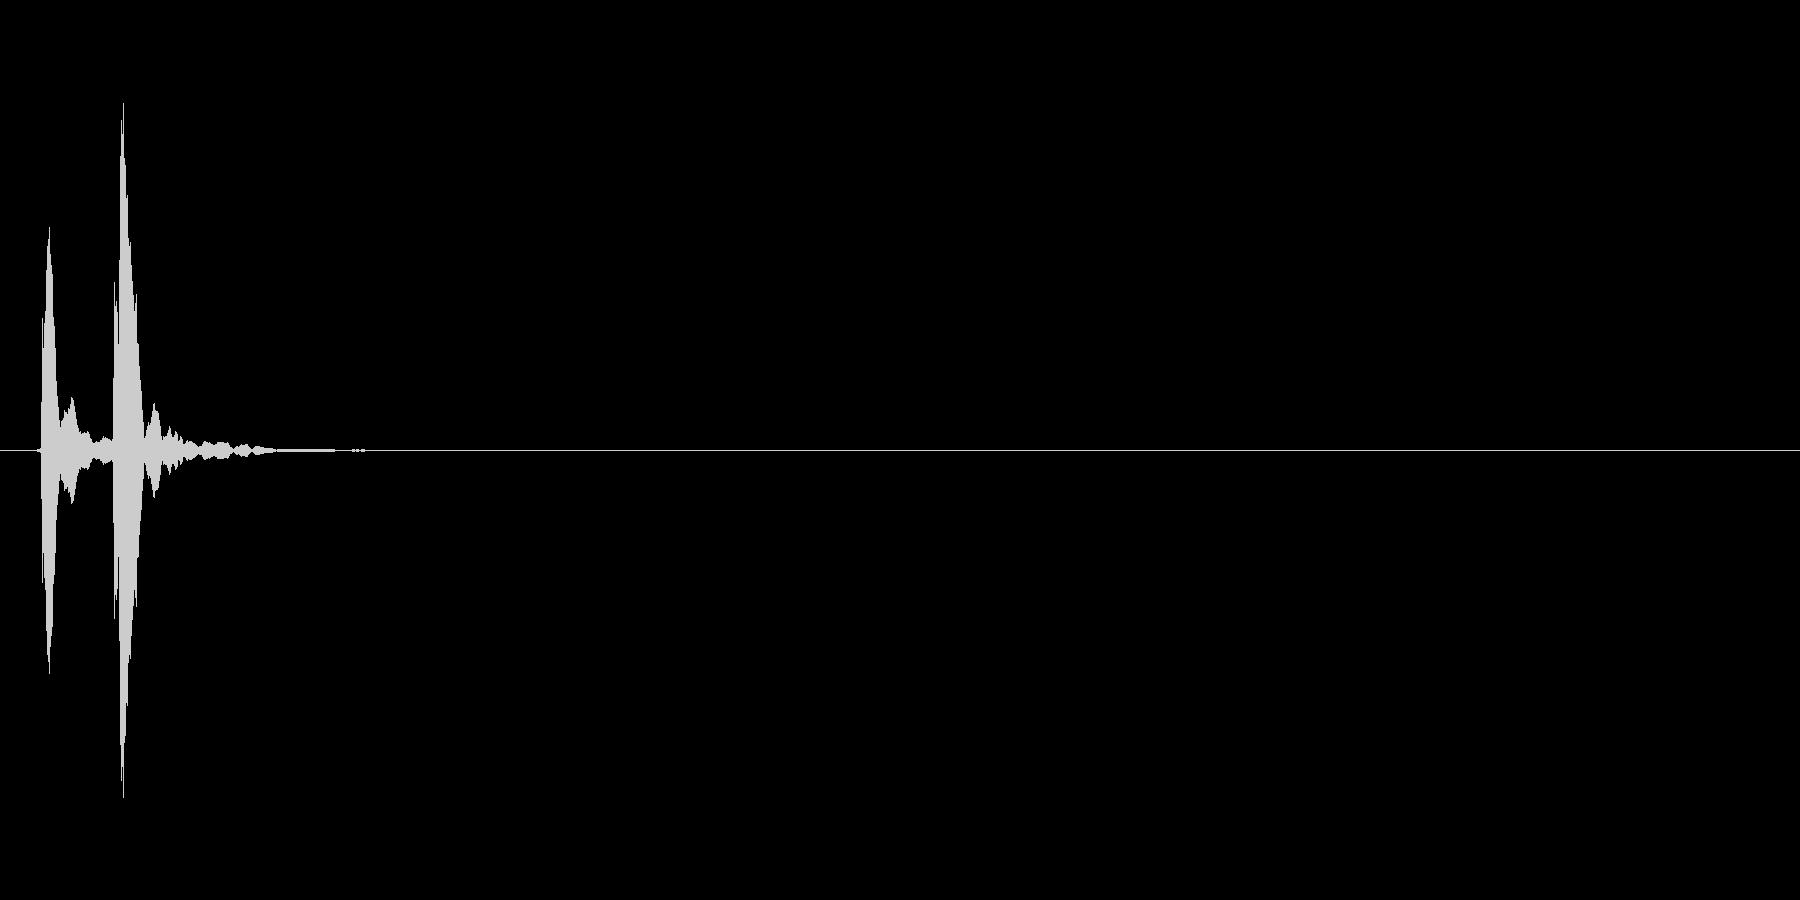 コケッ(転ぶ、こける、コミカル)の未再生の波形